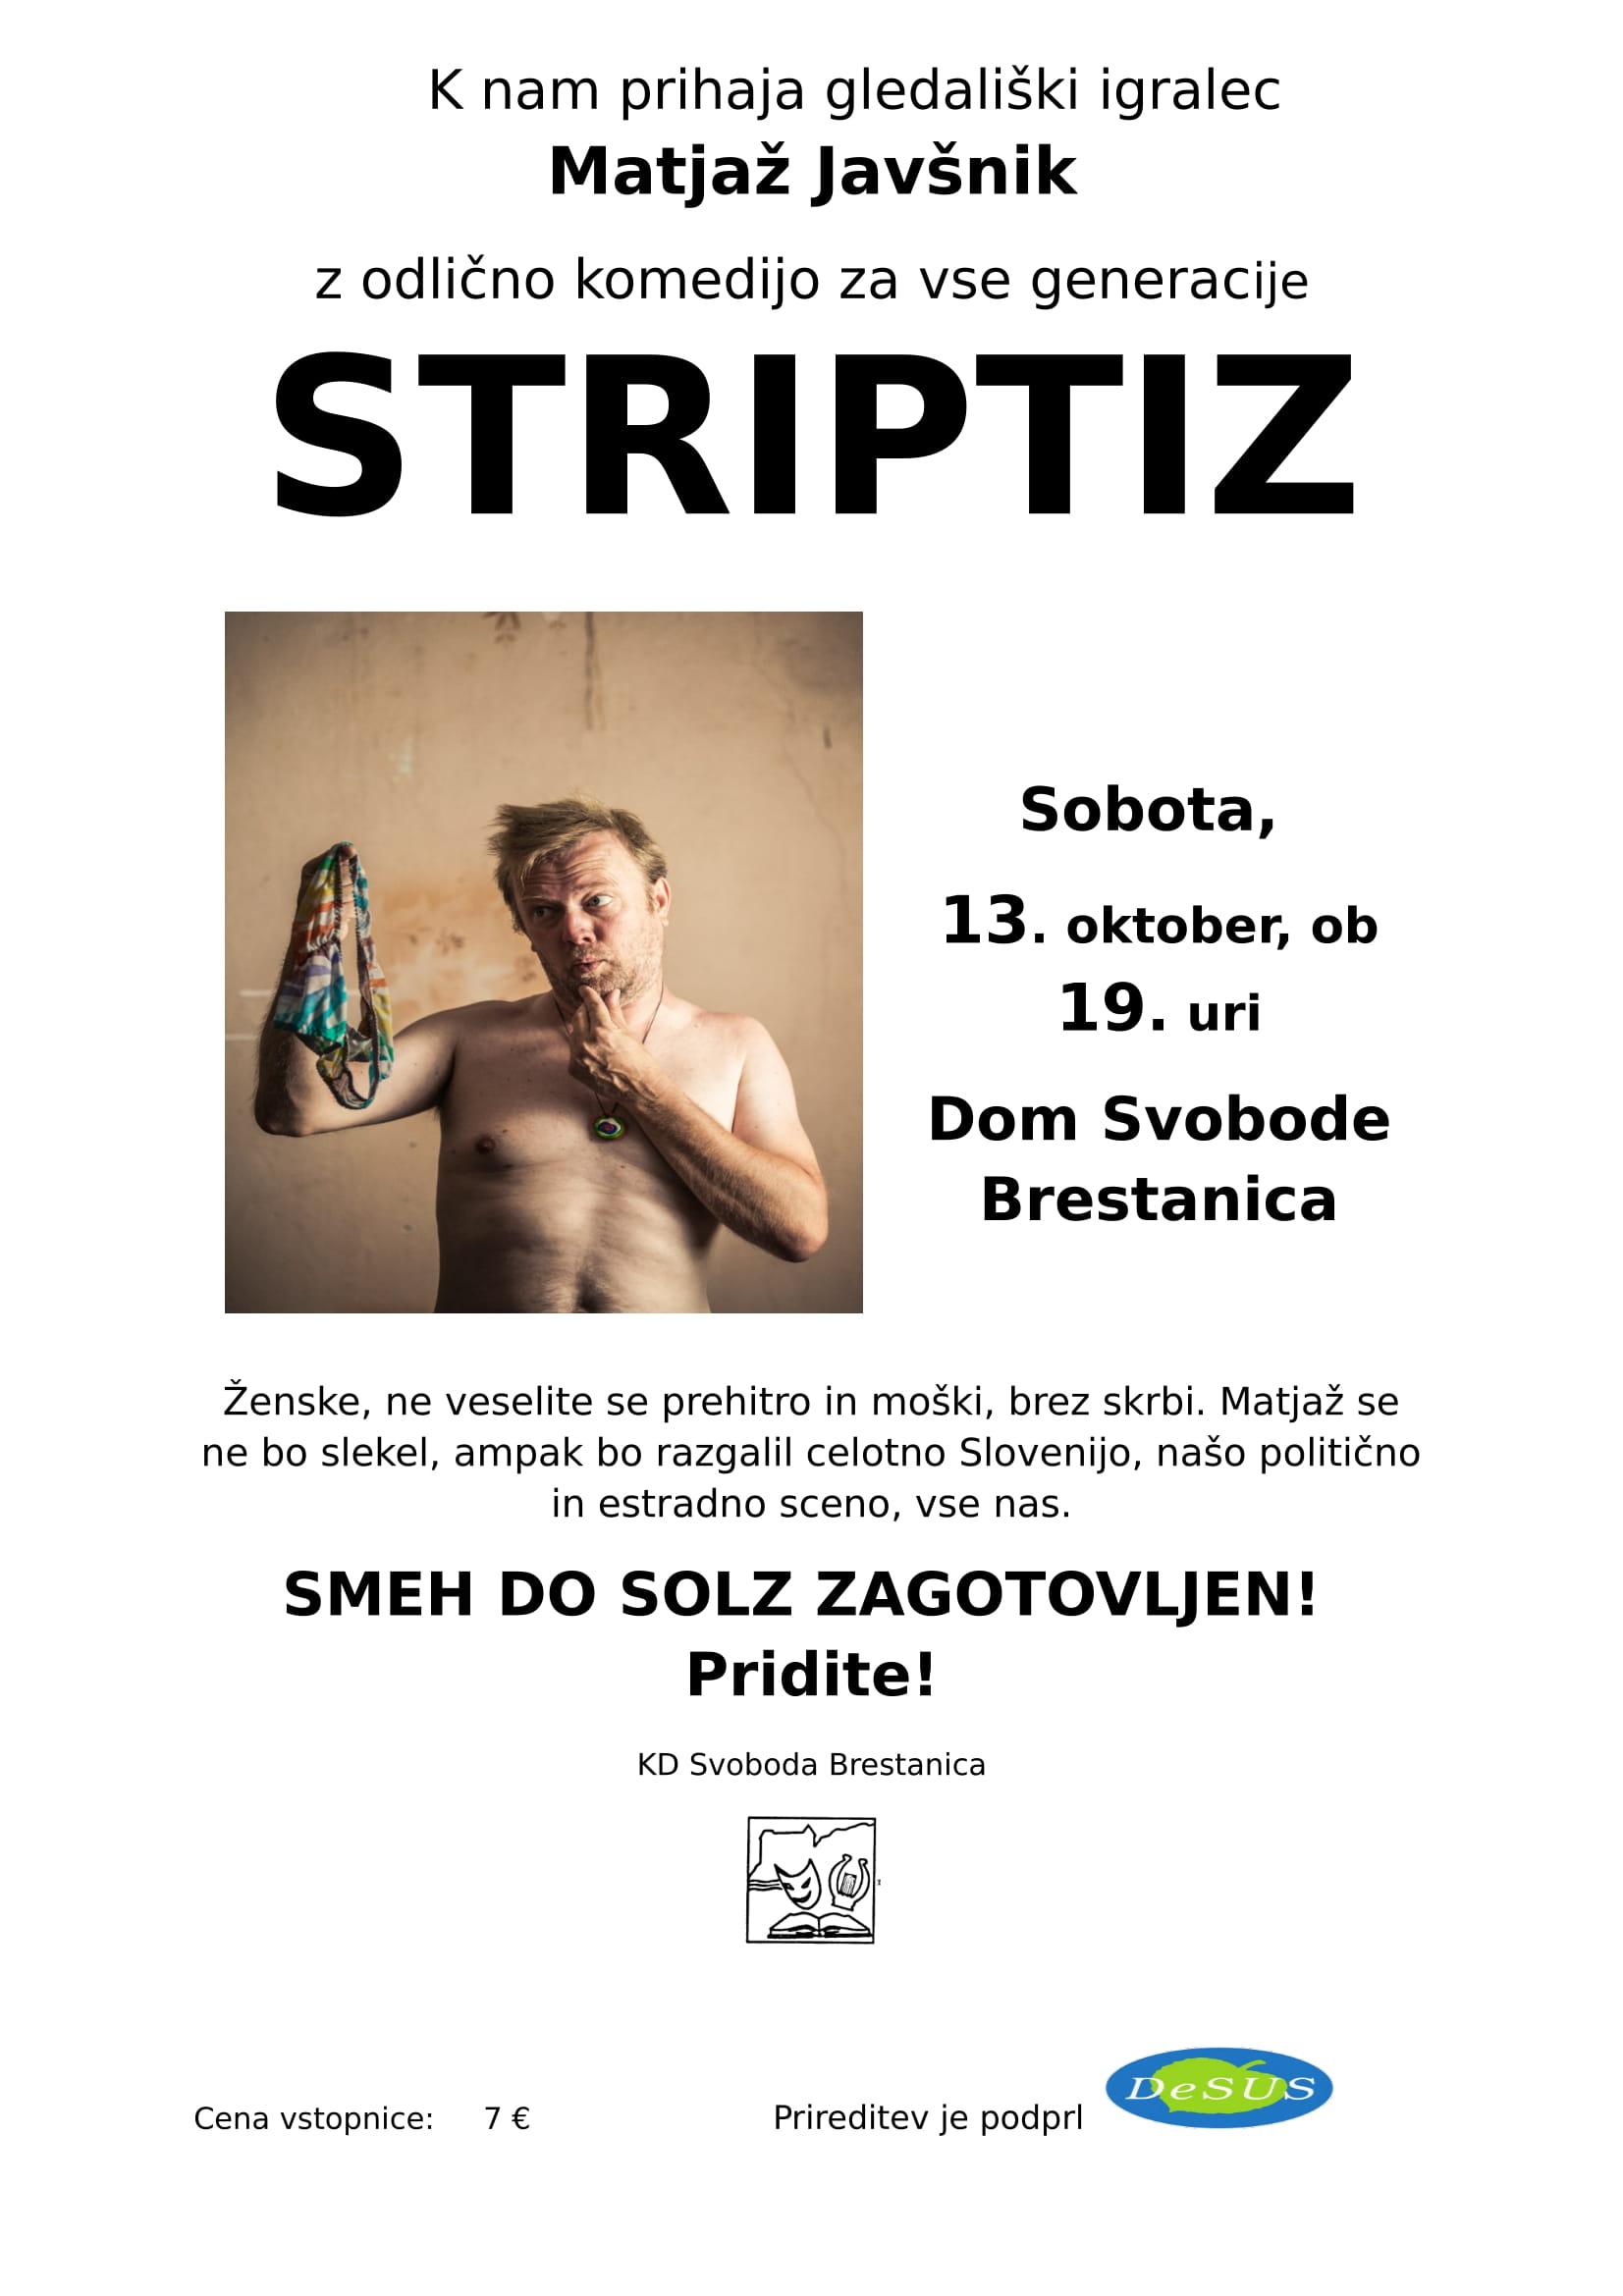 Vabilo na komedijo Matjaža Javšnika – STRIPTIZ